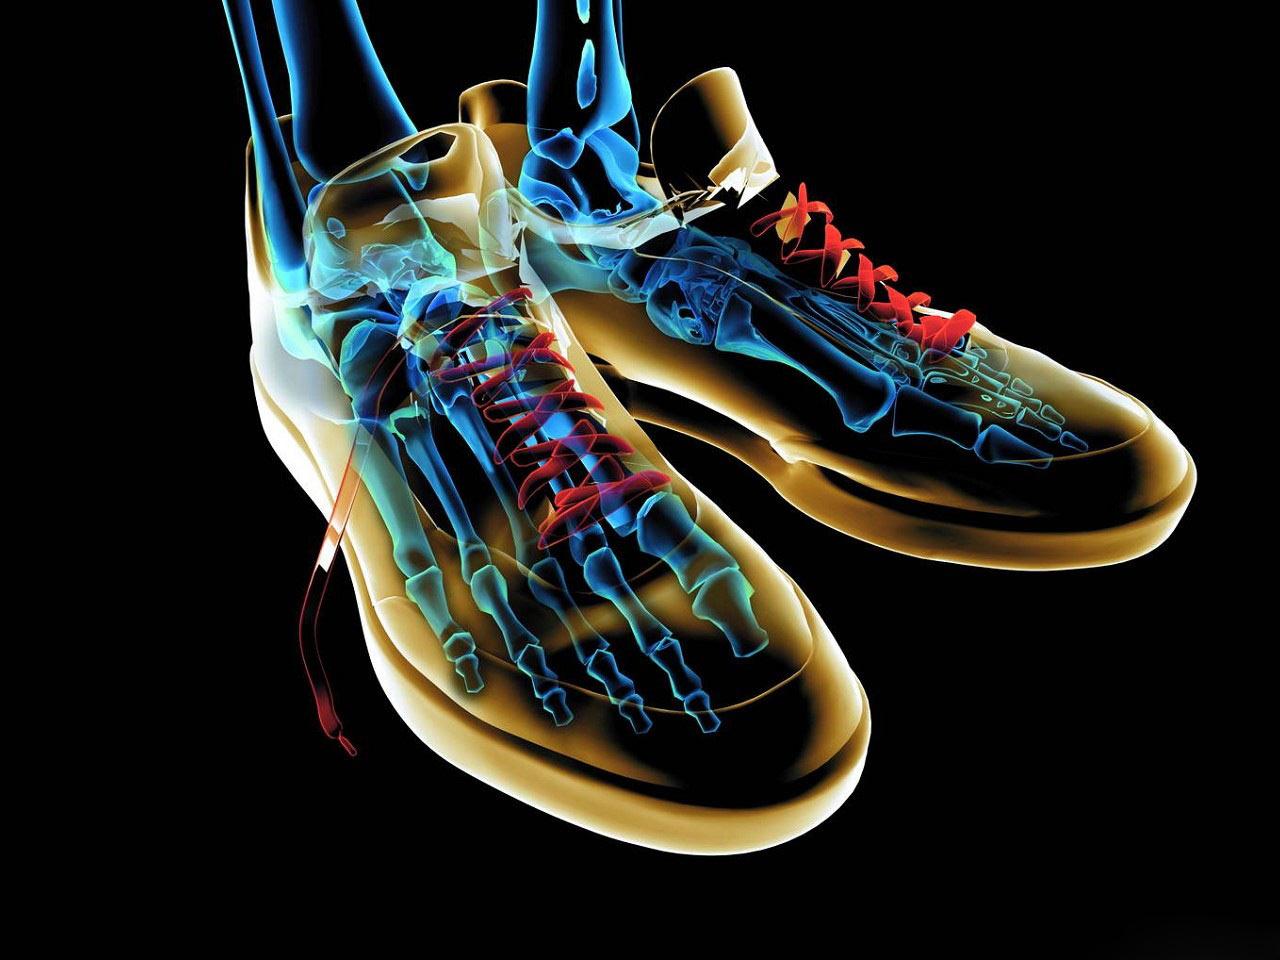 Shoe Effect 3D Abstract HD Wallpaper 1024x768 1280x960